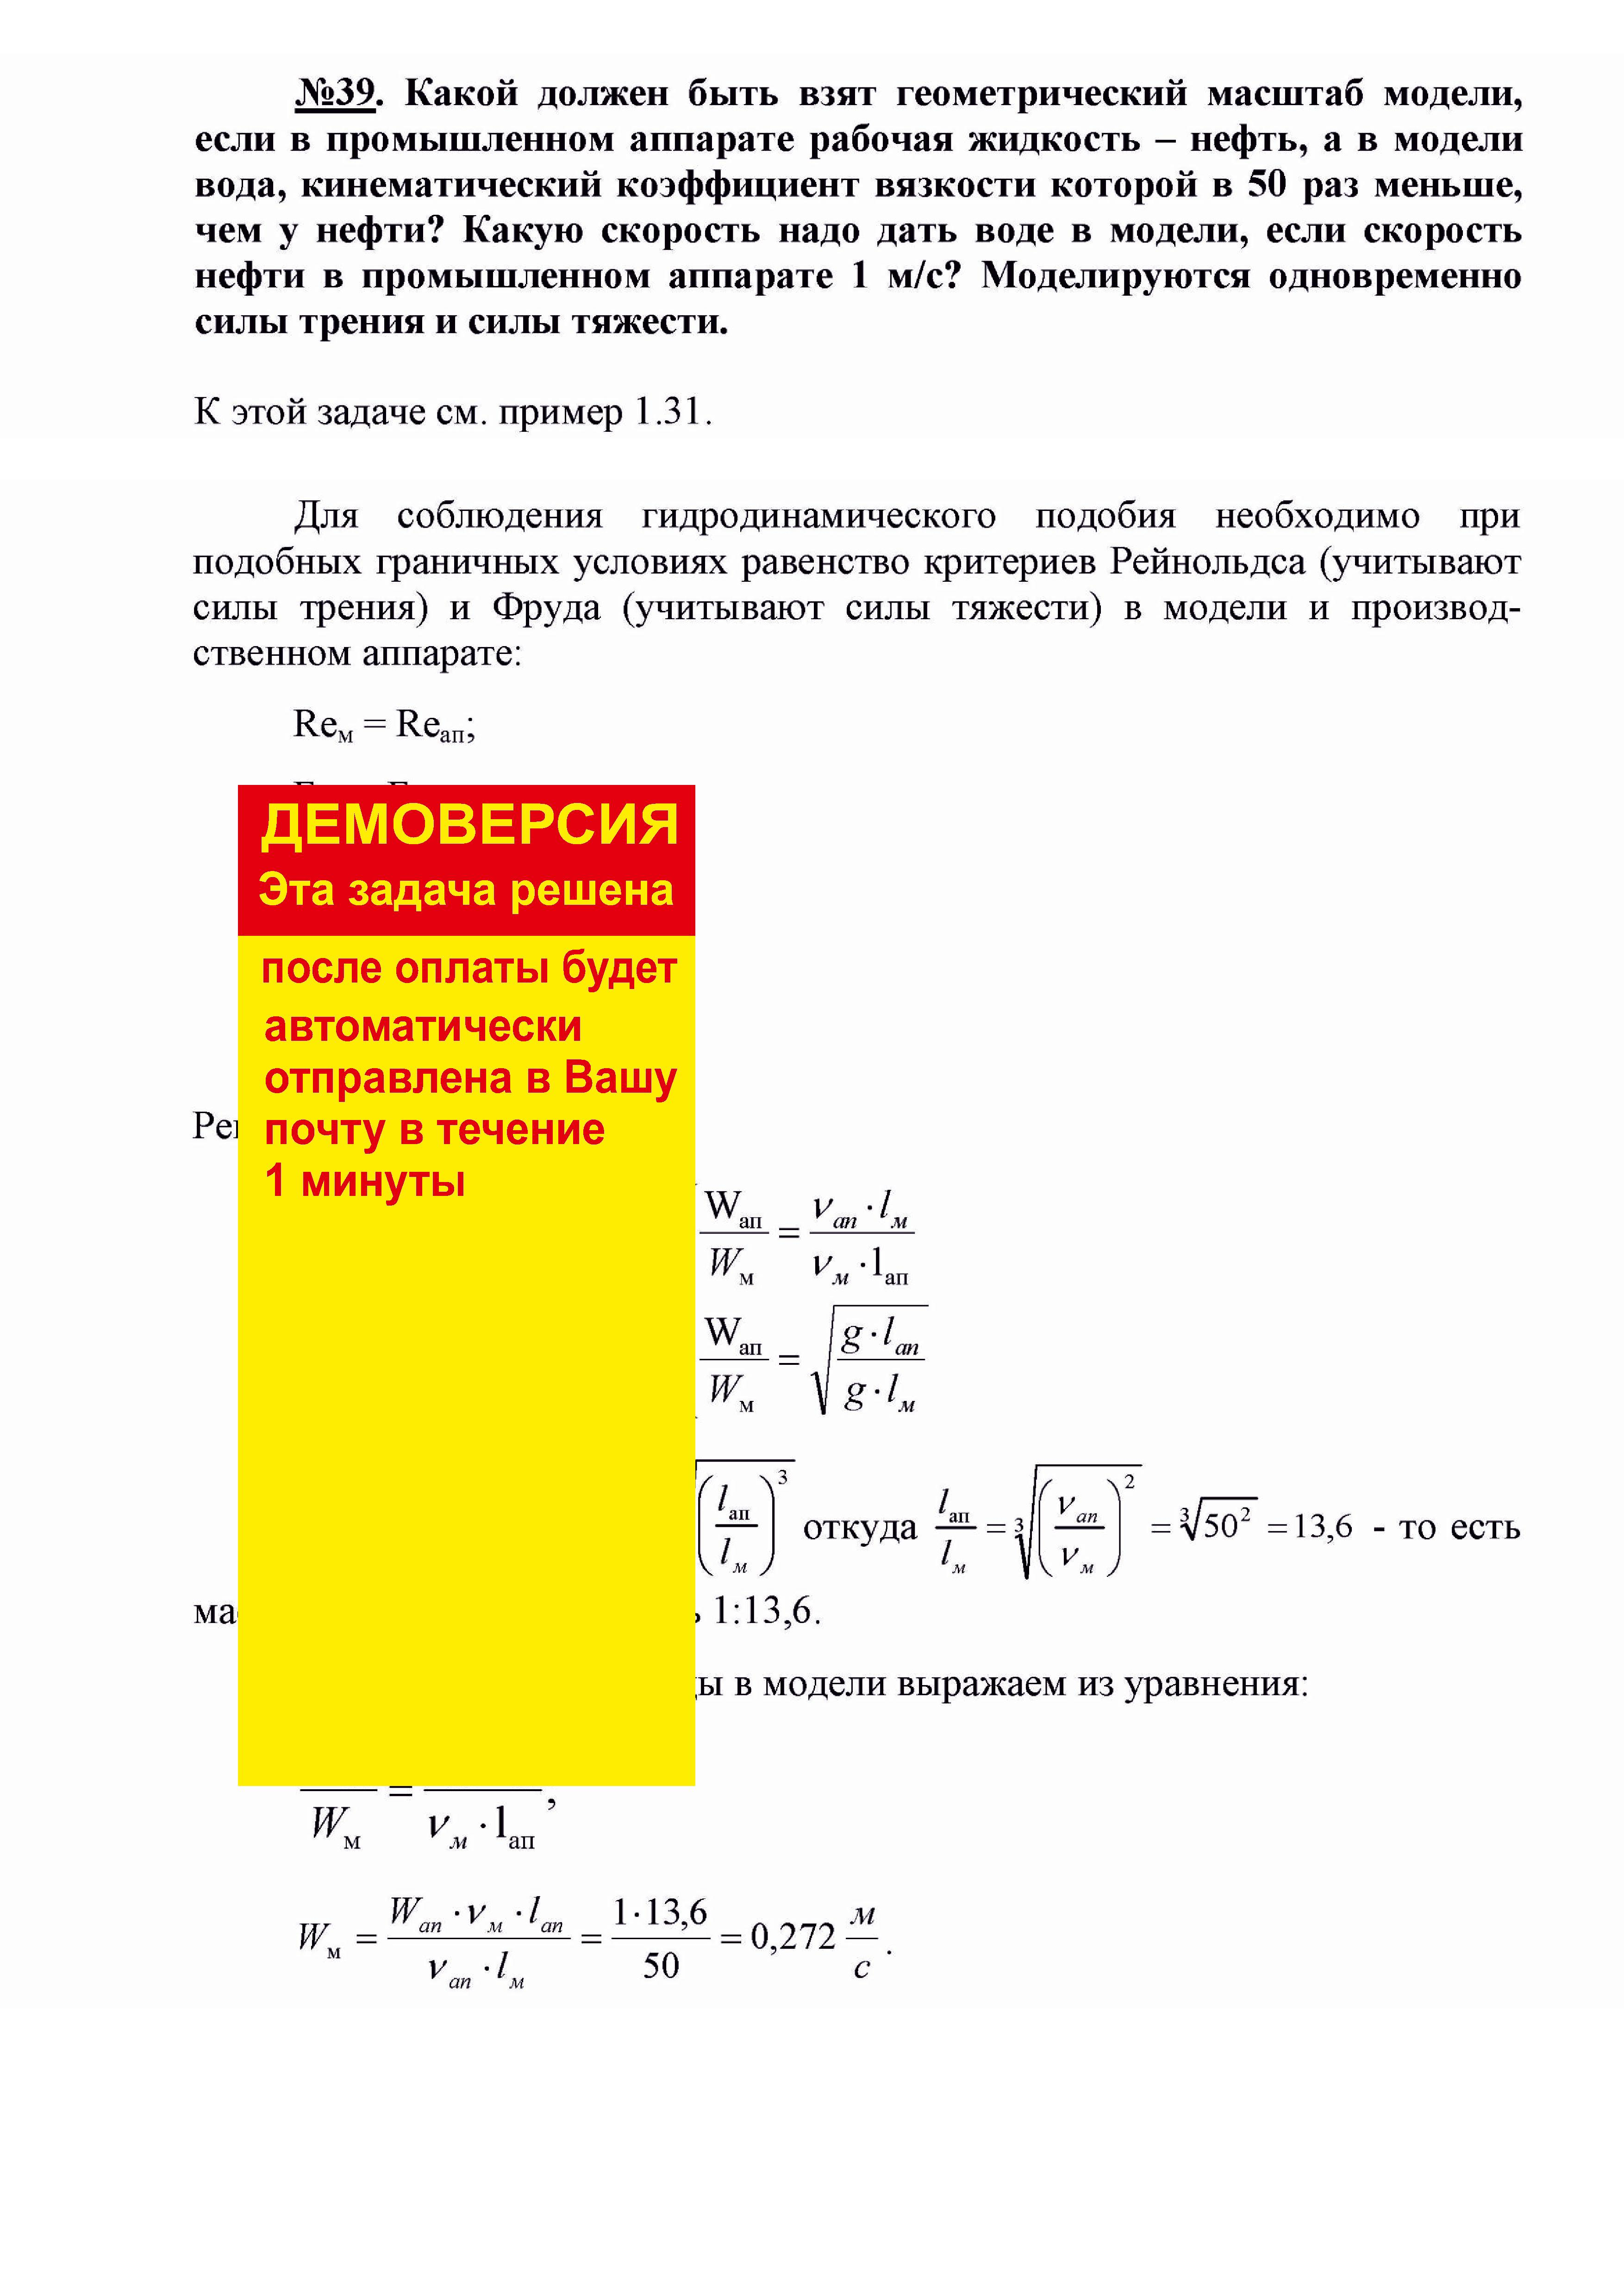 Решение задачи 1.39 по ПАХТ из задачника Павлова Романкова Носкова